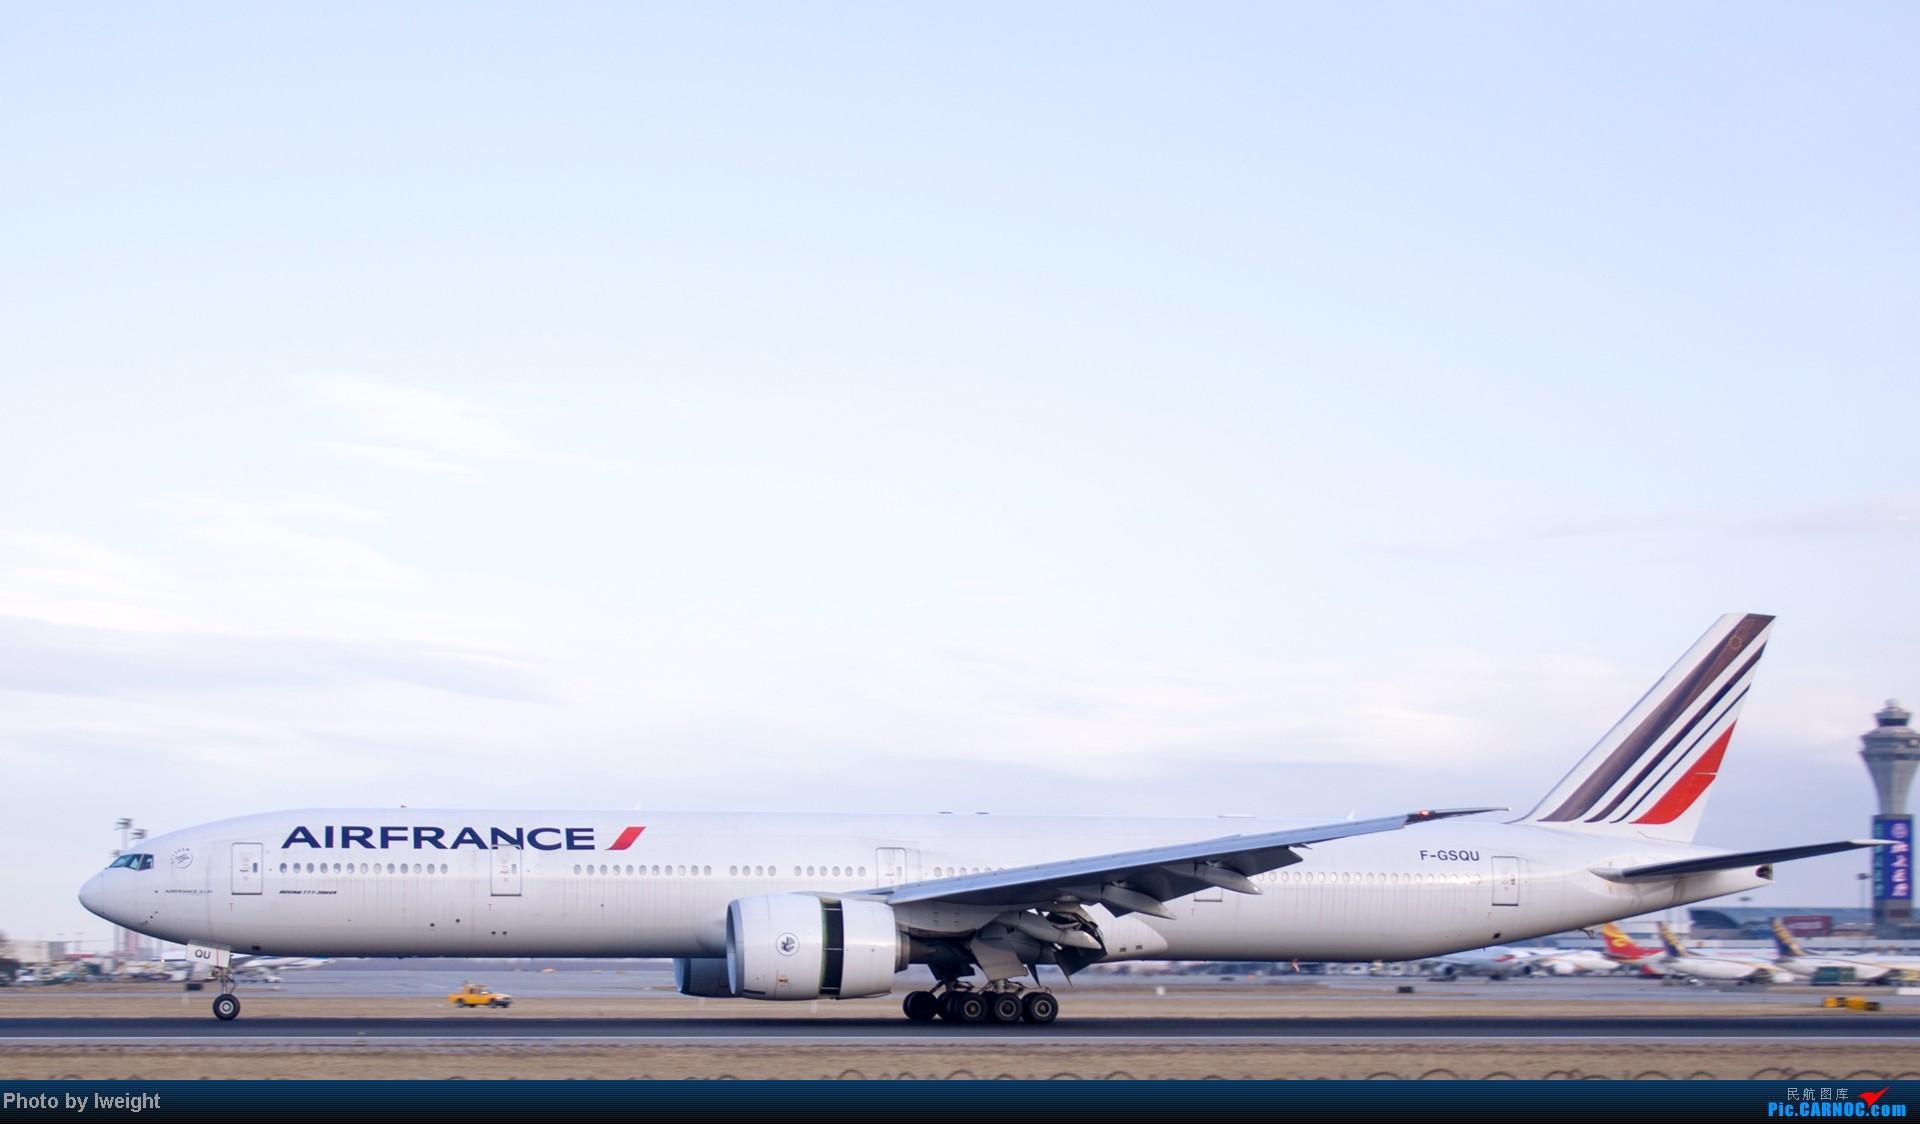 Re:[原创]今天下午瞎拍两个小时的杂图 BOEING 777-300 F-GSQU 中国北京首都机场